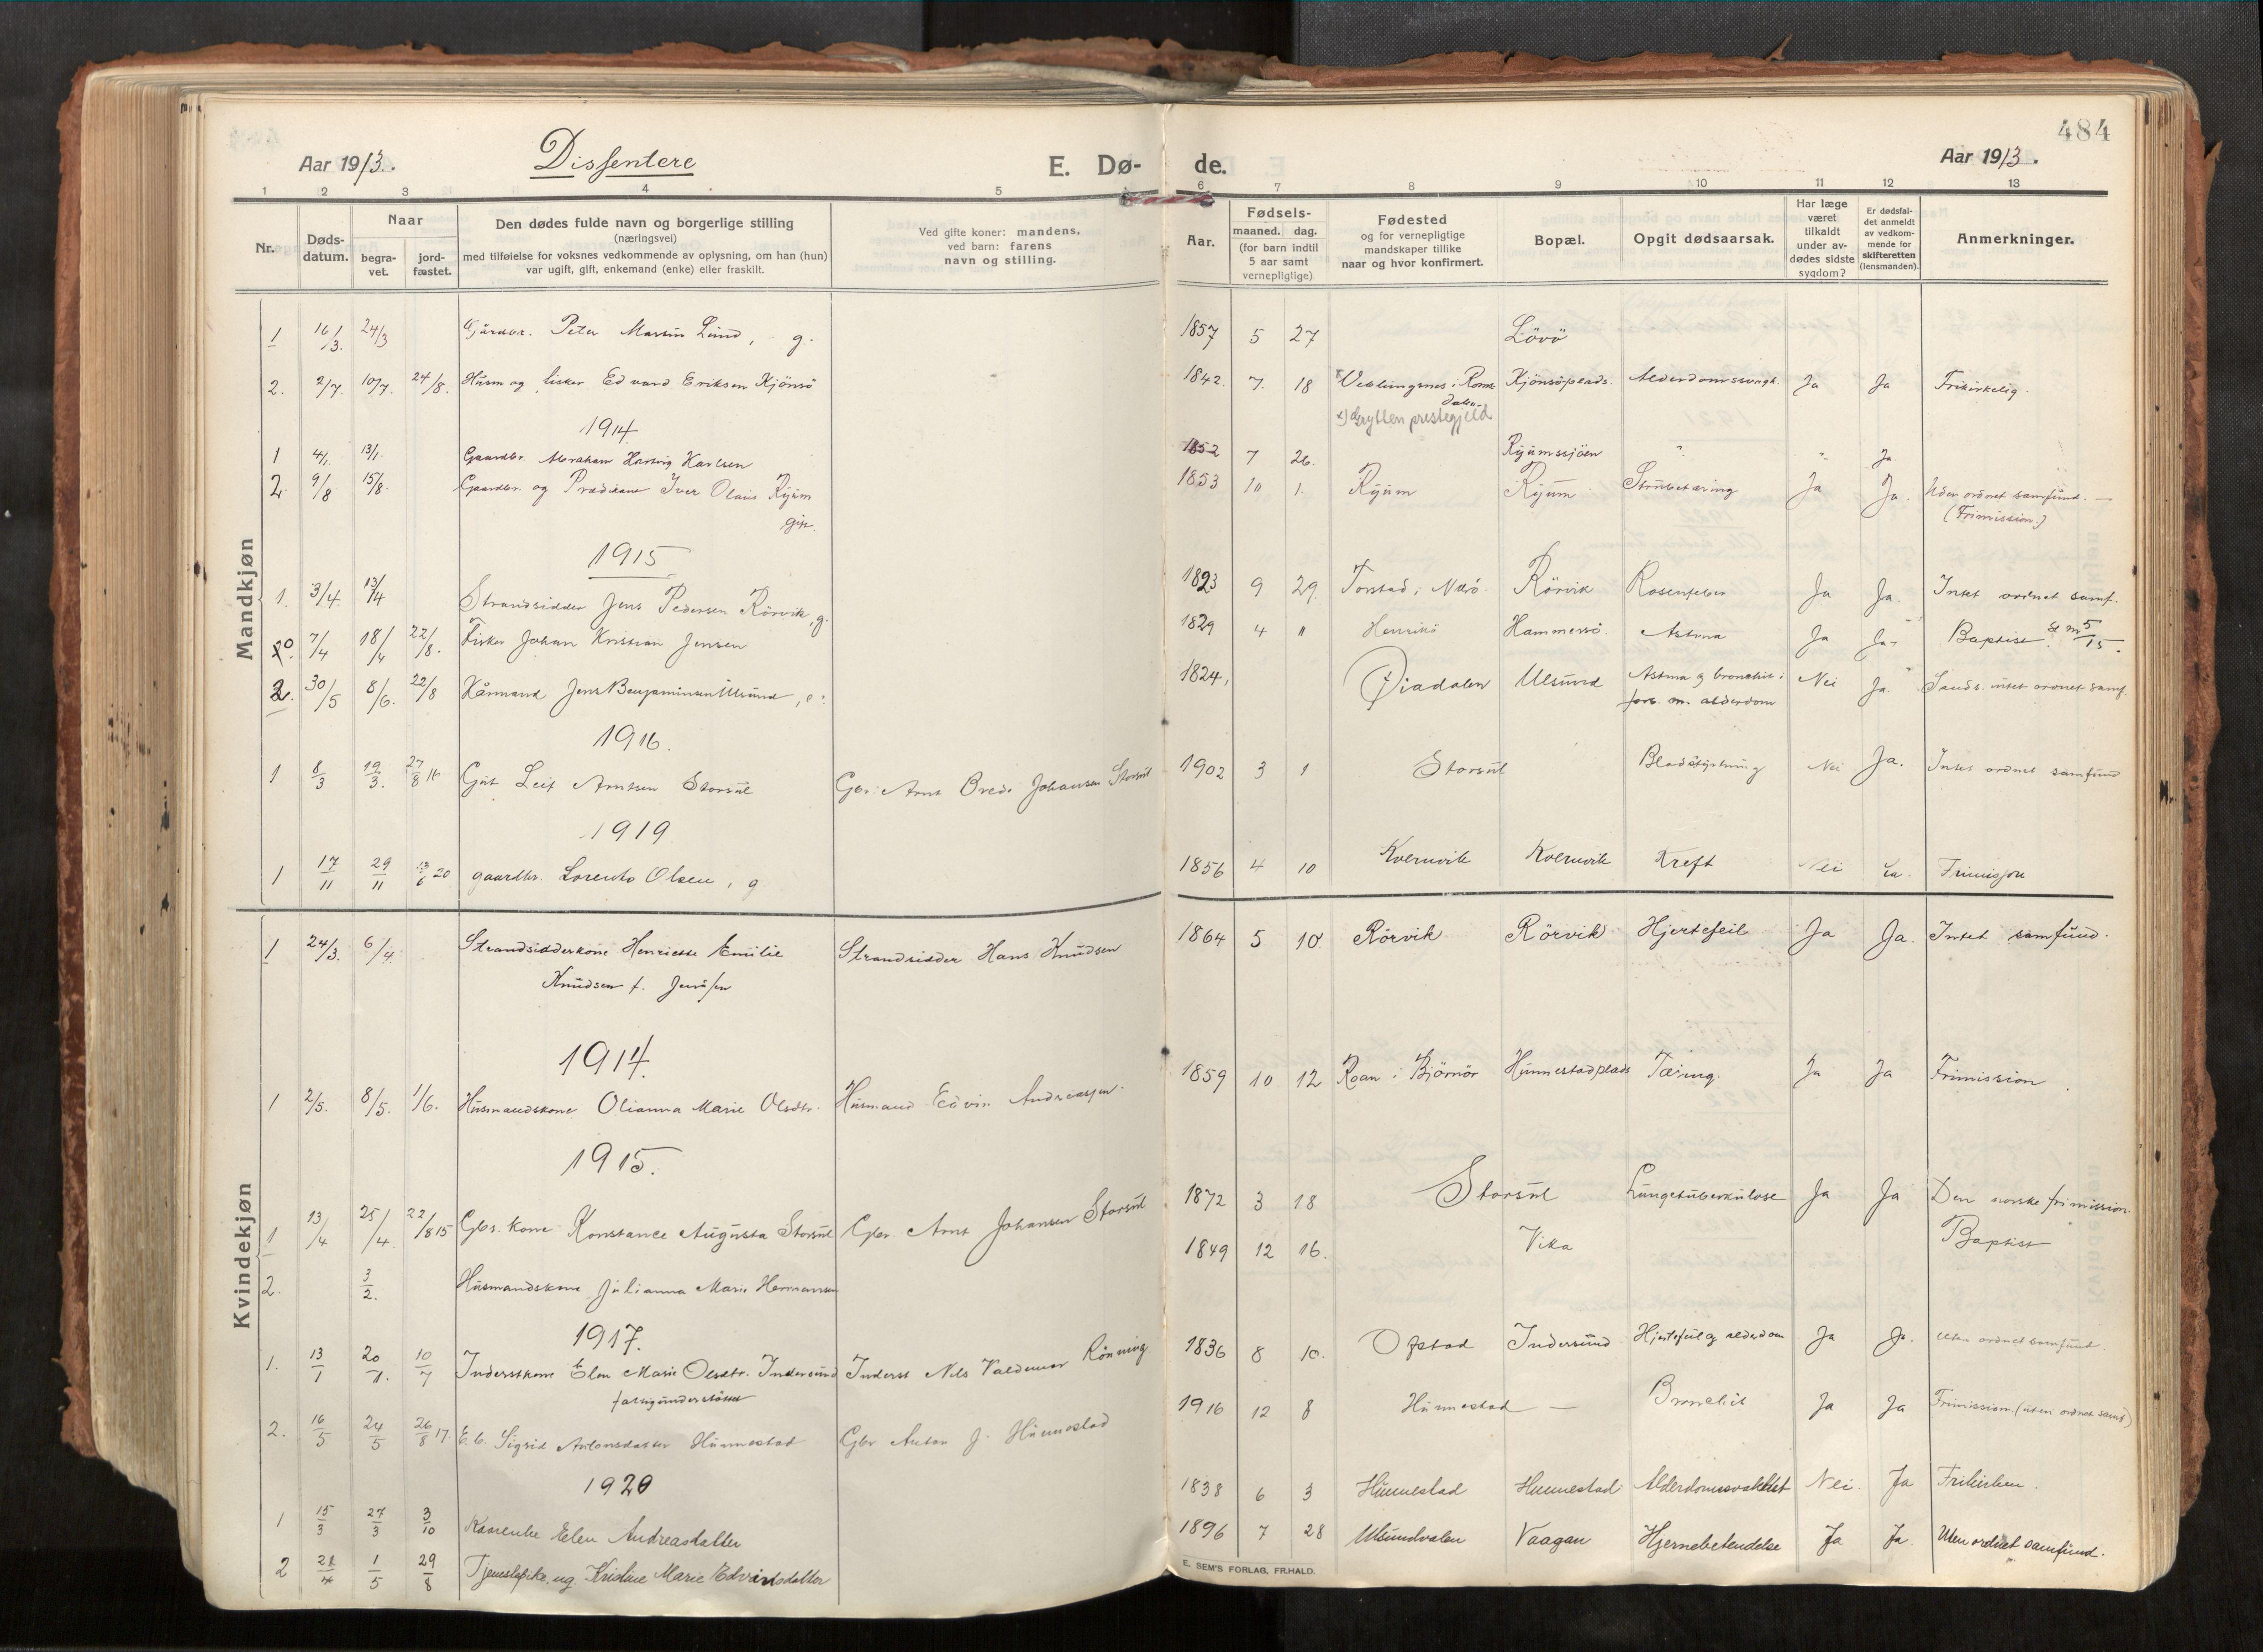 SAT, Vikna sokneprestkontor*, Parish register (official) no. 1, 1913-1934, p. 484